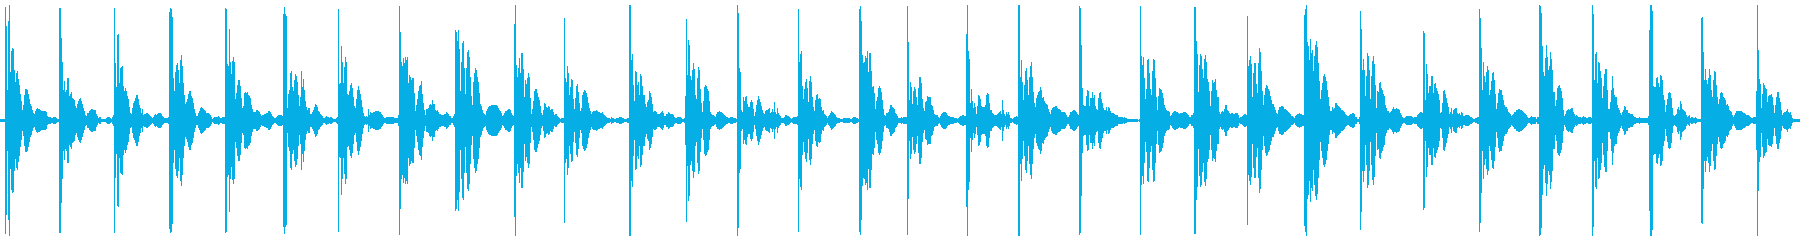 走る足音・スニーカー・硬い床・ループ再生の再生済みの波形